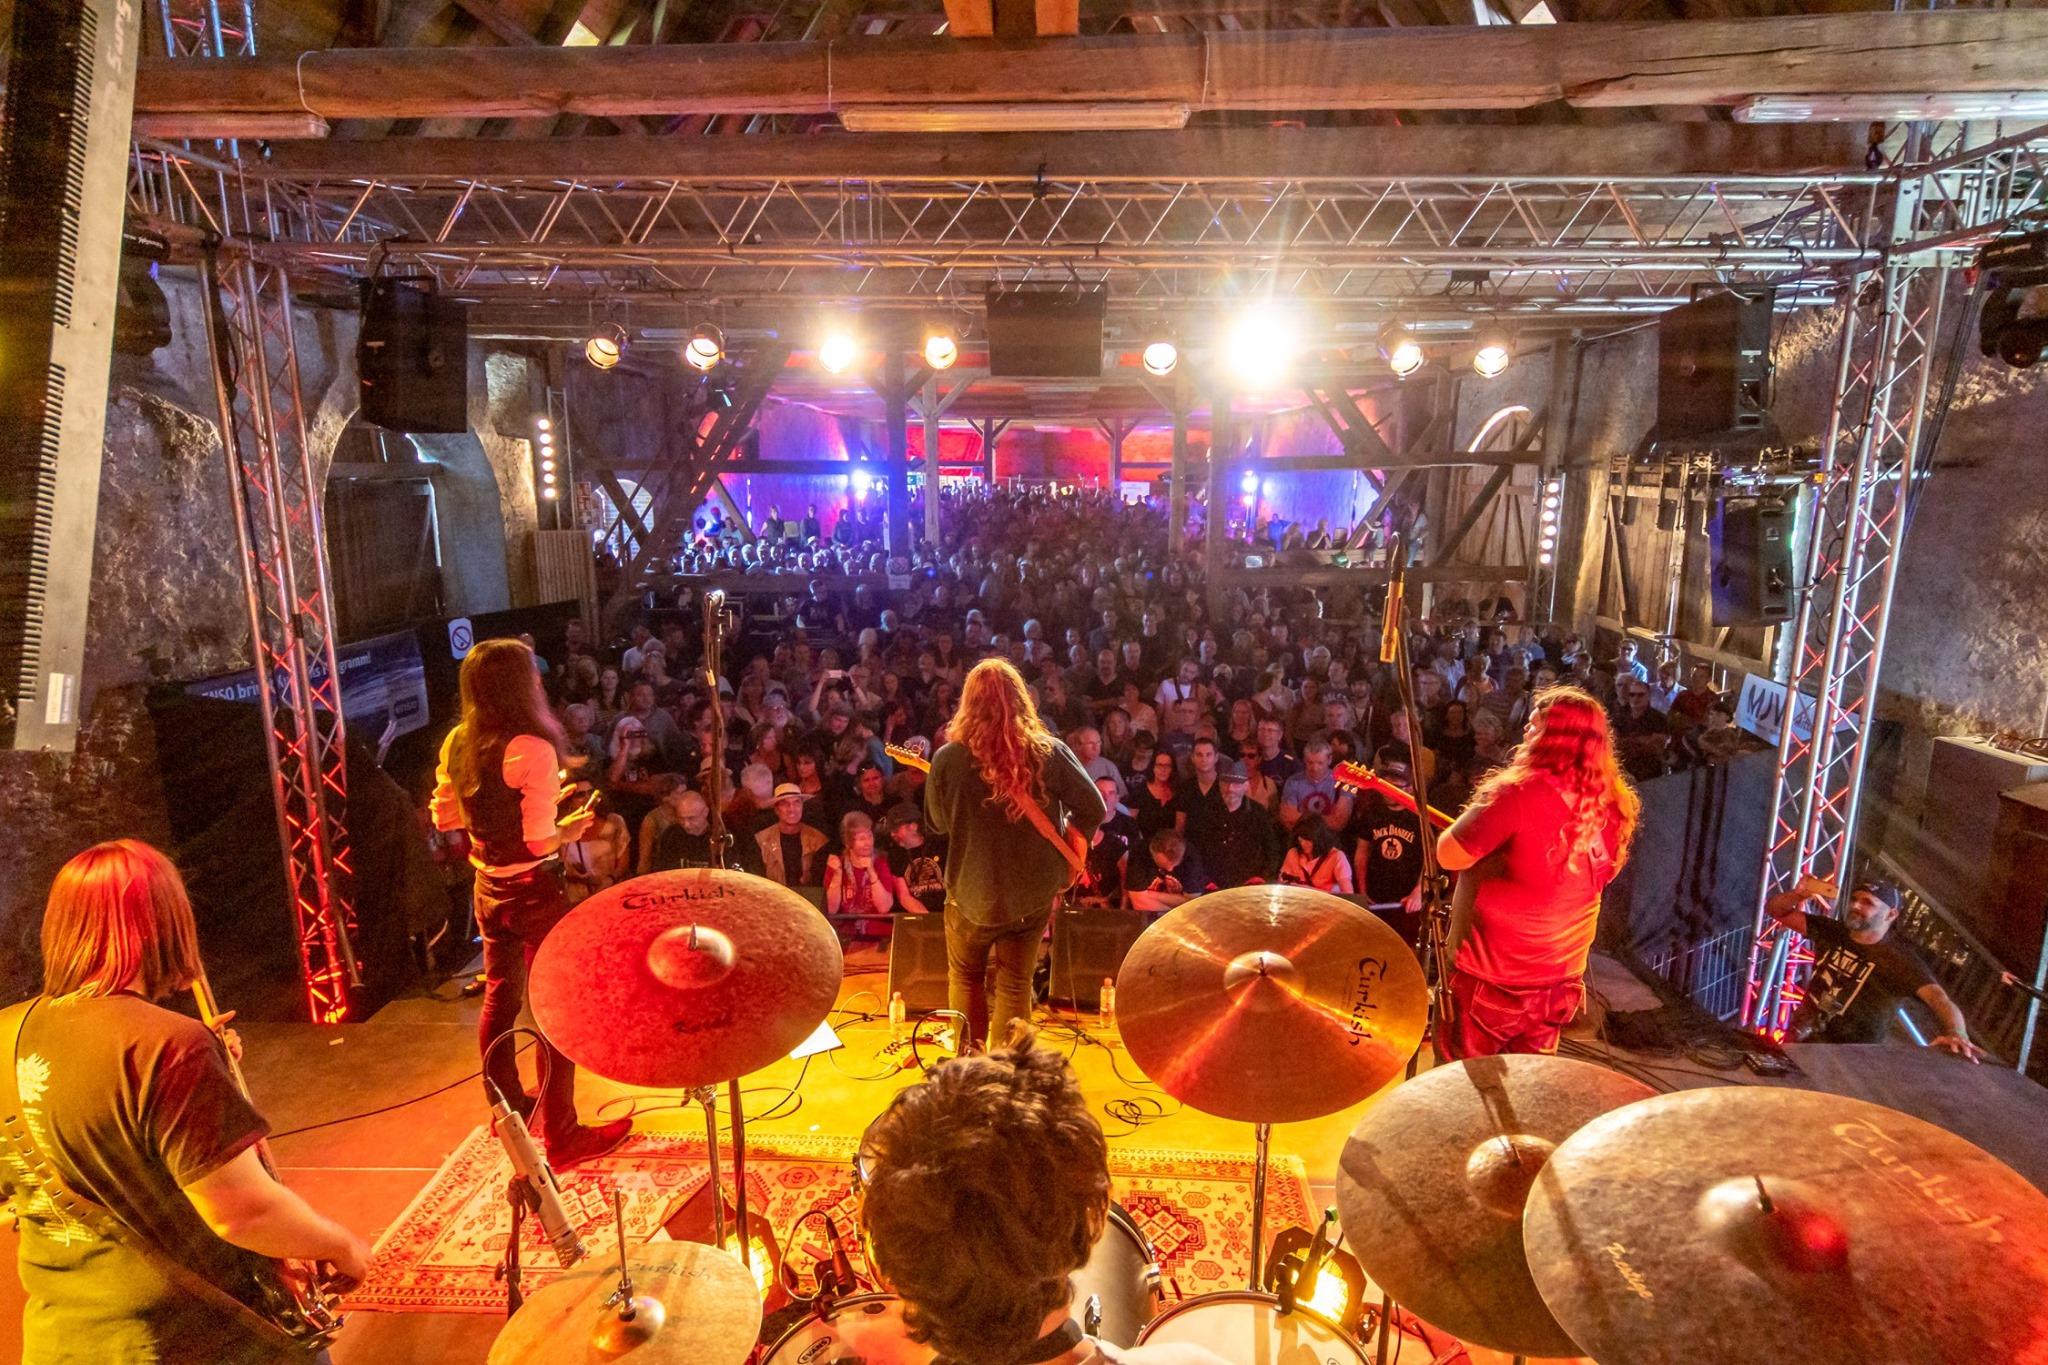 L-R: Hendrik Herder (bass); Florian Escherlor (harmonica); Keegan McInroe (voc/guitar); Olli Kunze (drums); Ben Forrester (guitar)